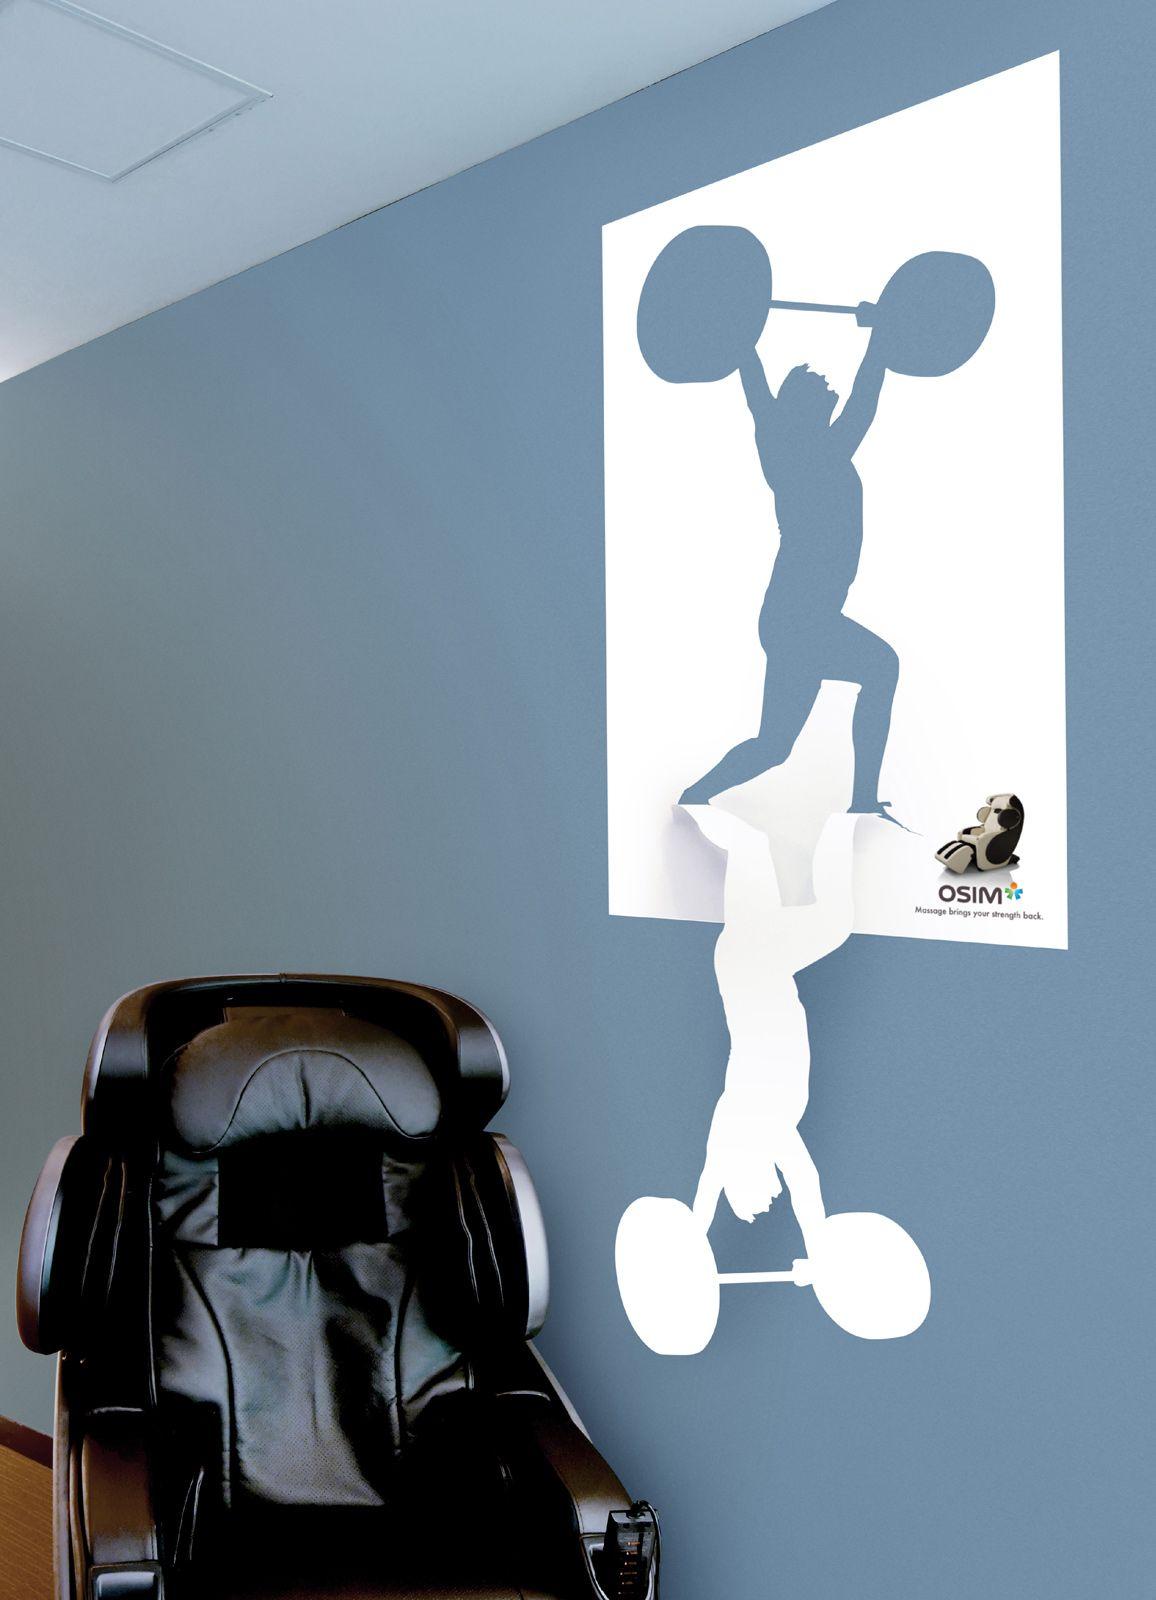 Osim uDivine Massage Chair Exhaustion Massage chair